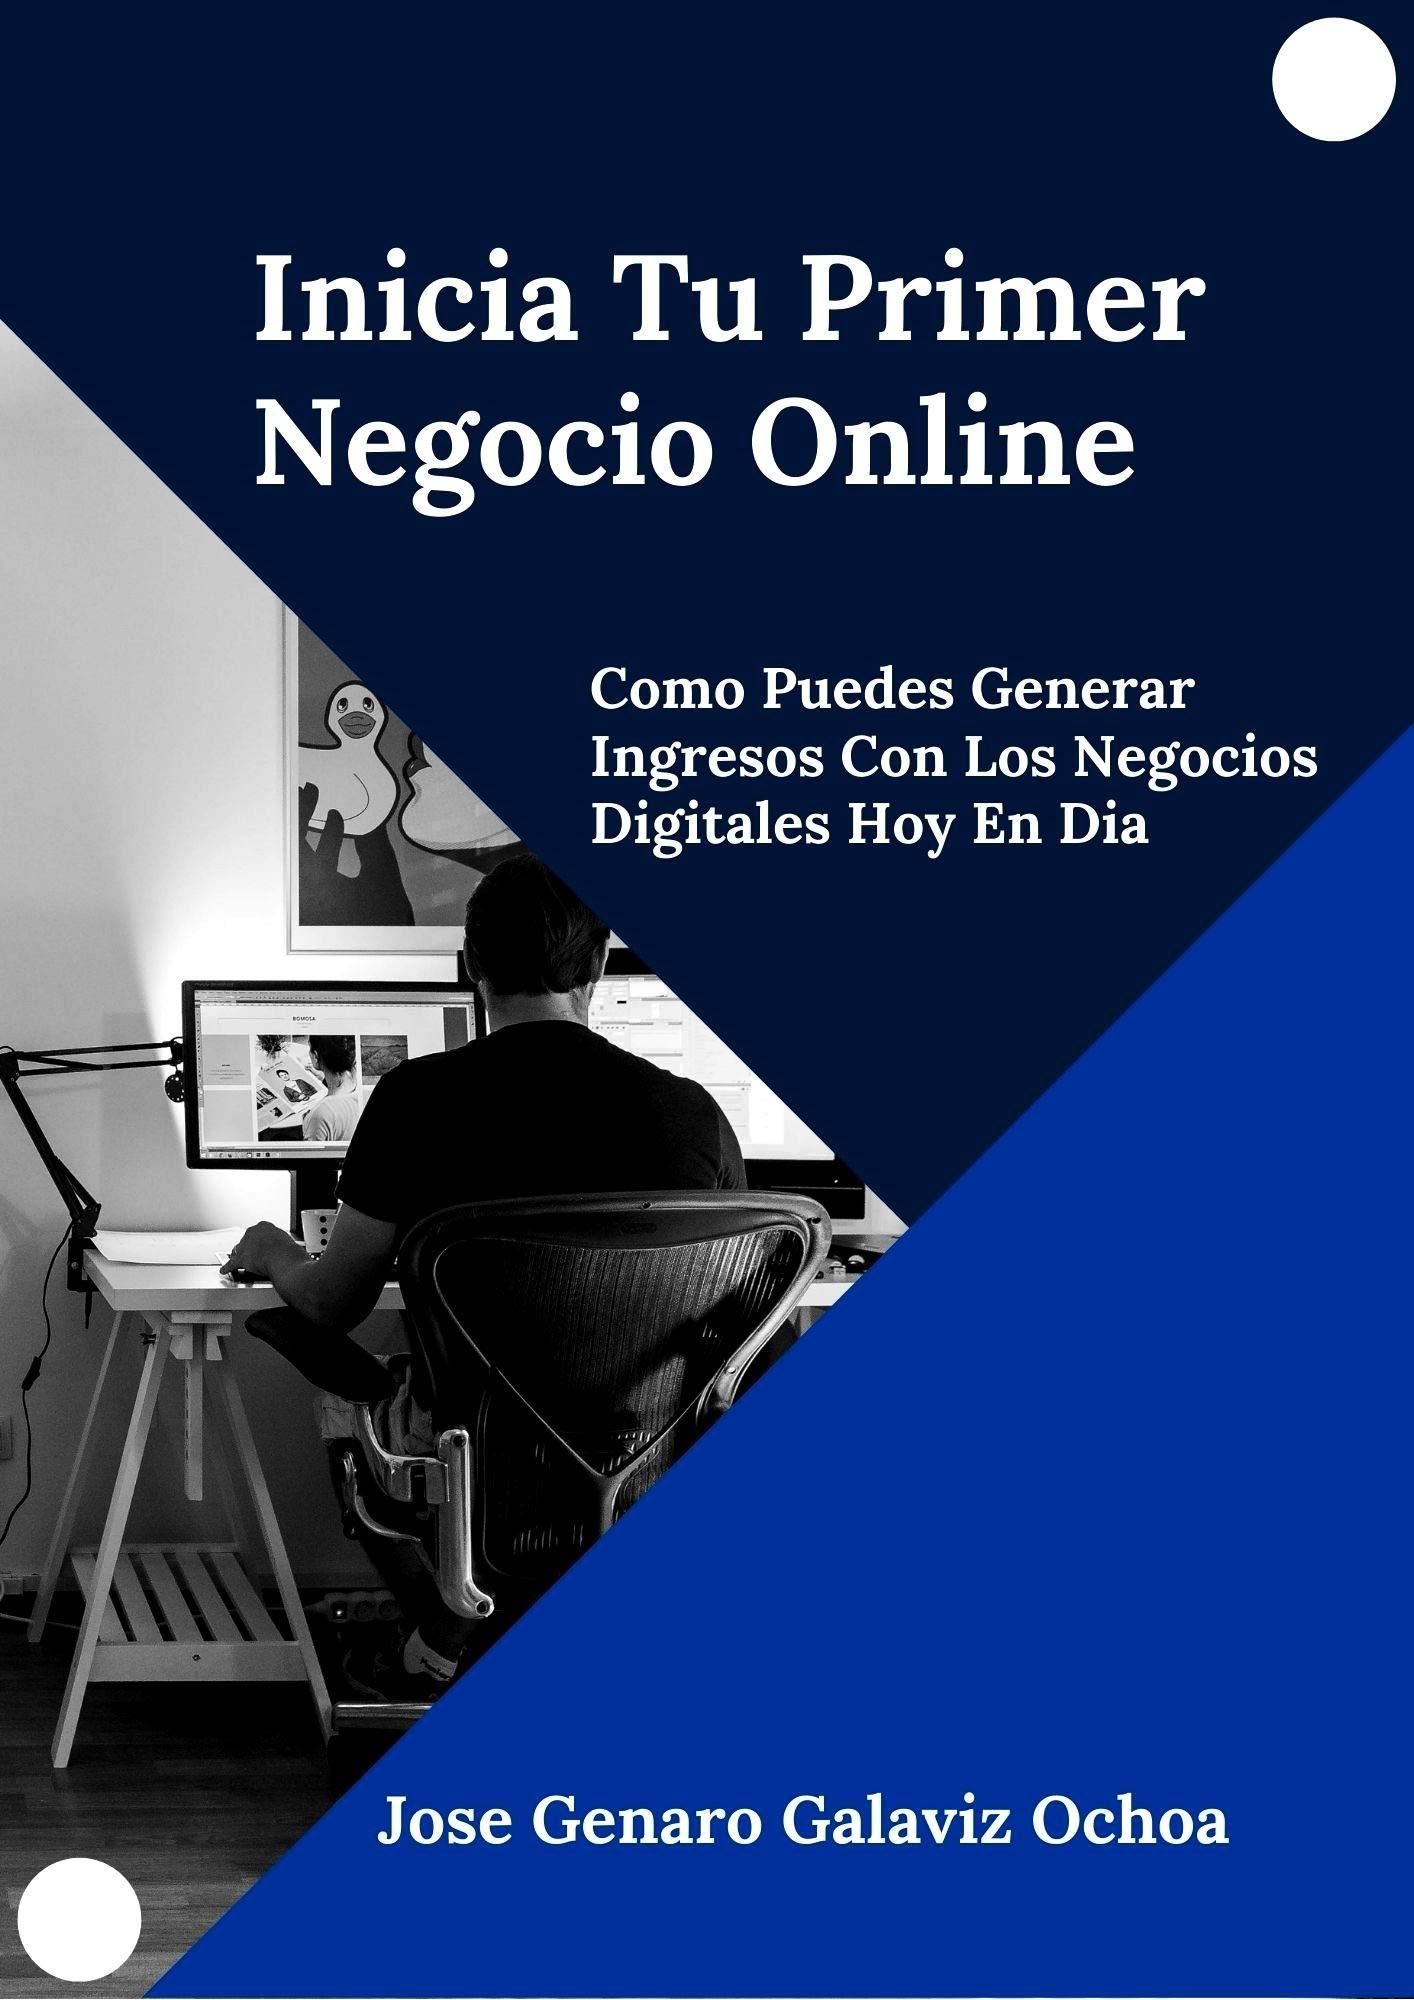 Inicia Tu Primer Negocio Online: Como Puedes Generar Ingresos Con Los Negocios Digitales Hoy En Dia (Spanish Edition)